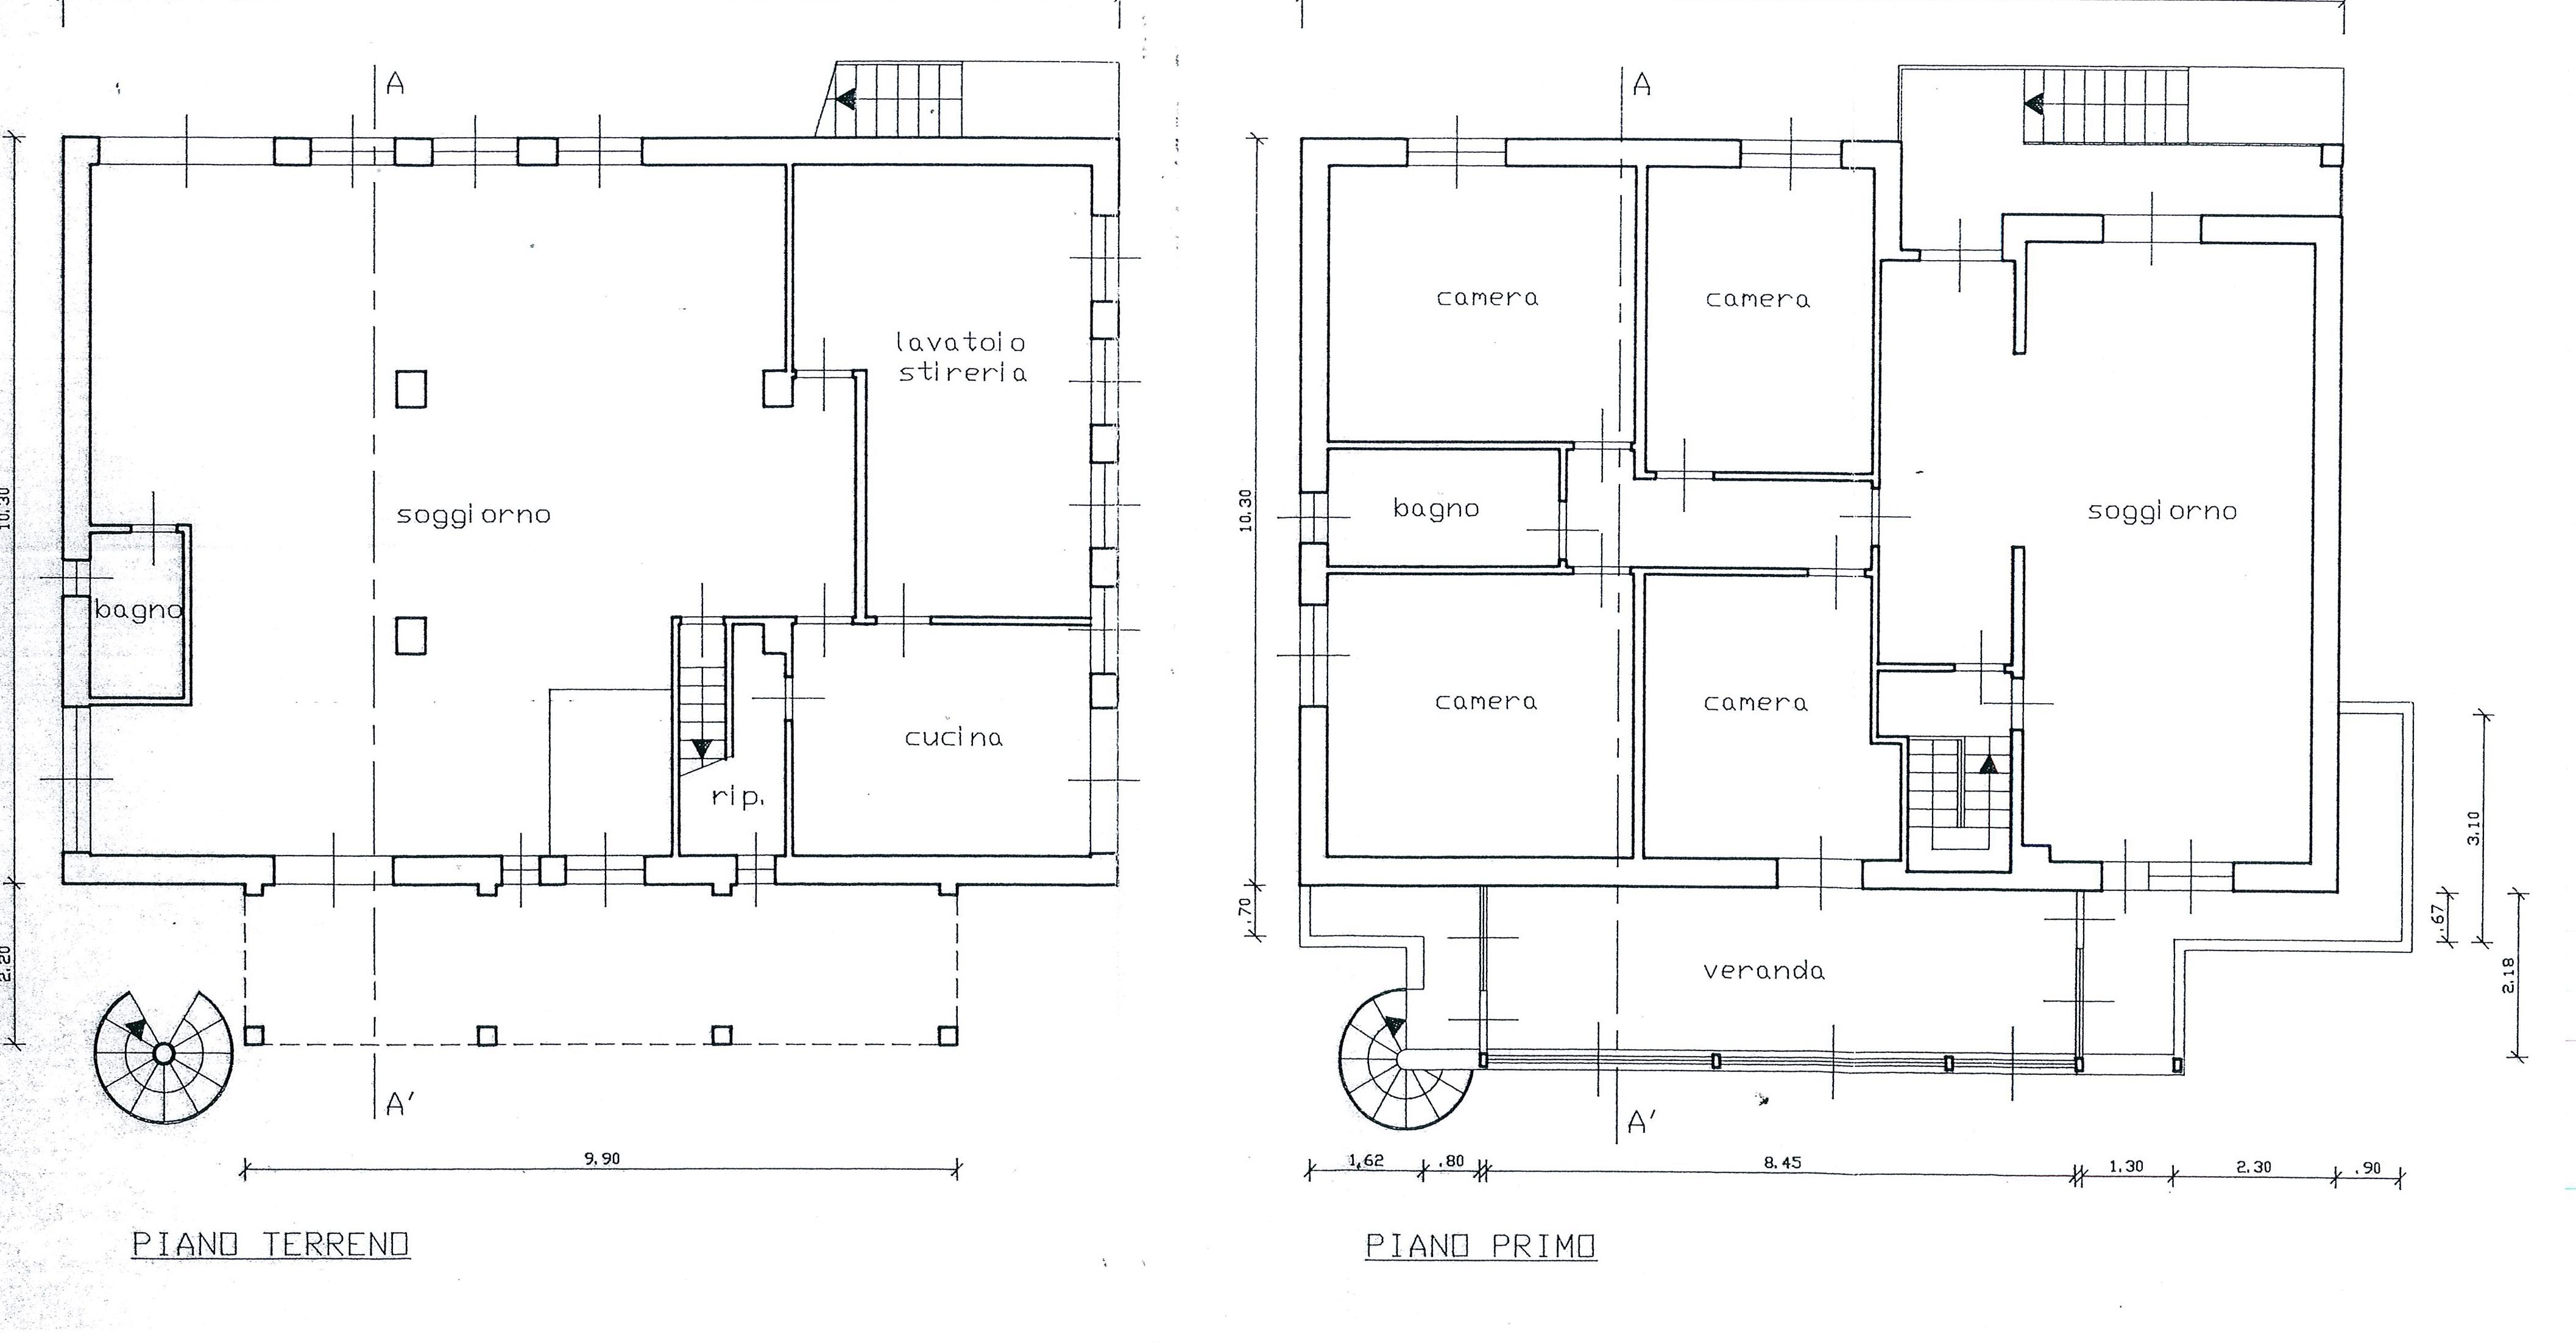 Planimetria /1 per rif. 1987a